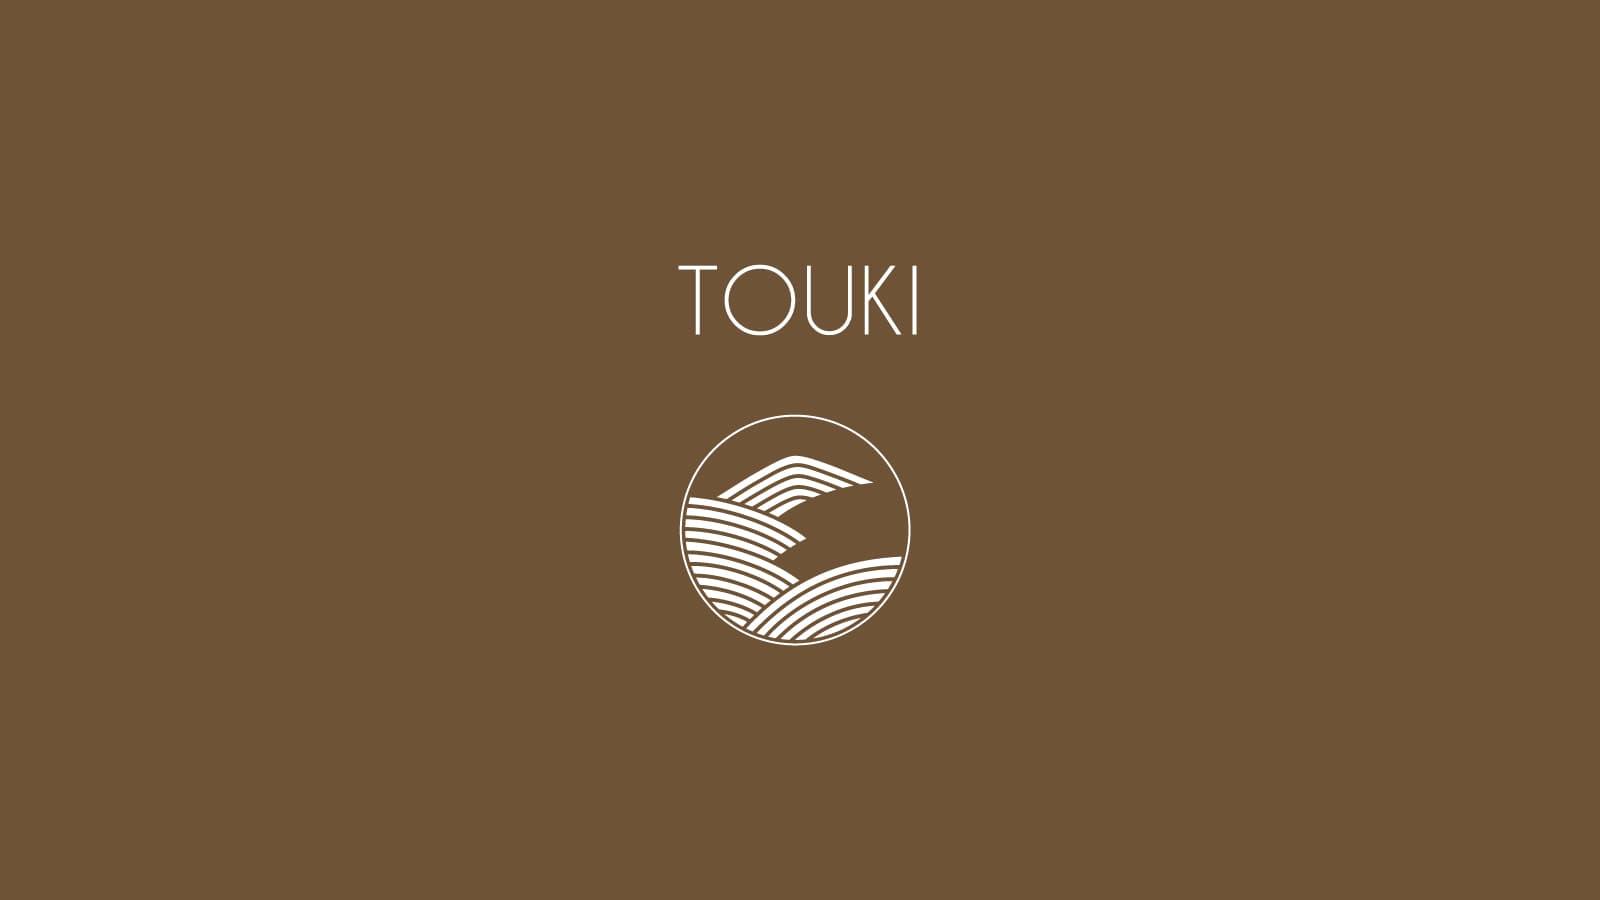 オリジナル陶器制作の専門店TOUKI